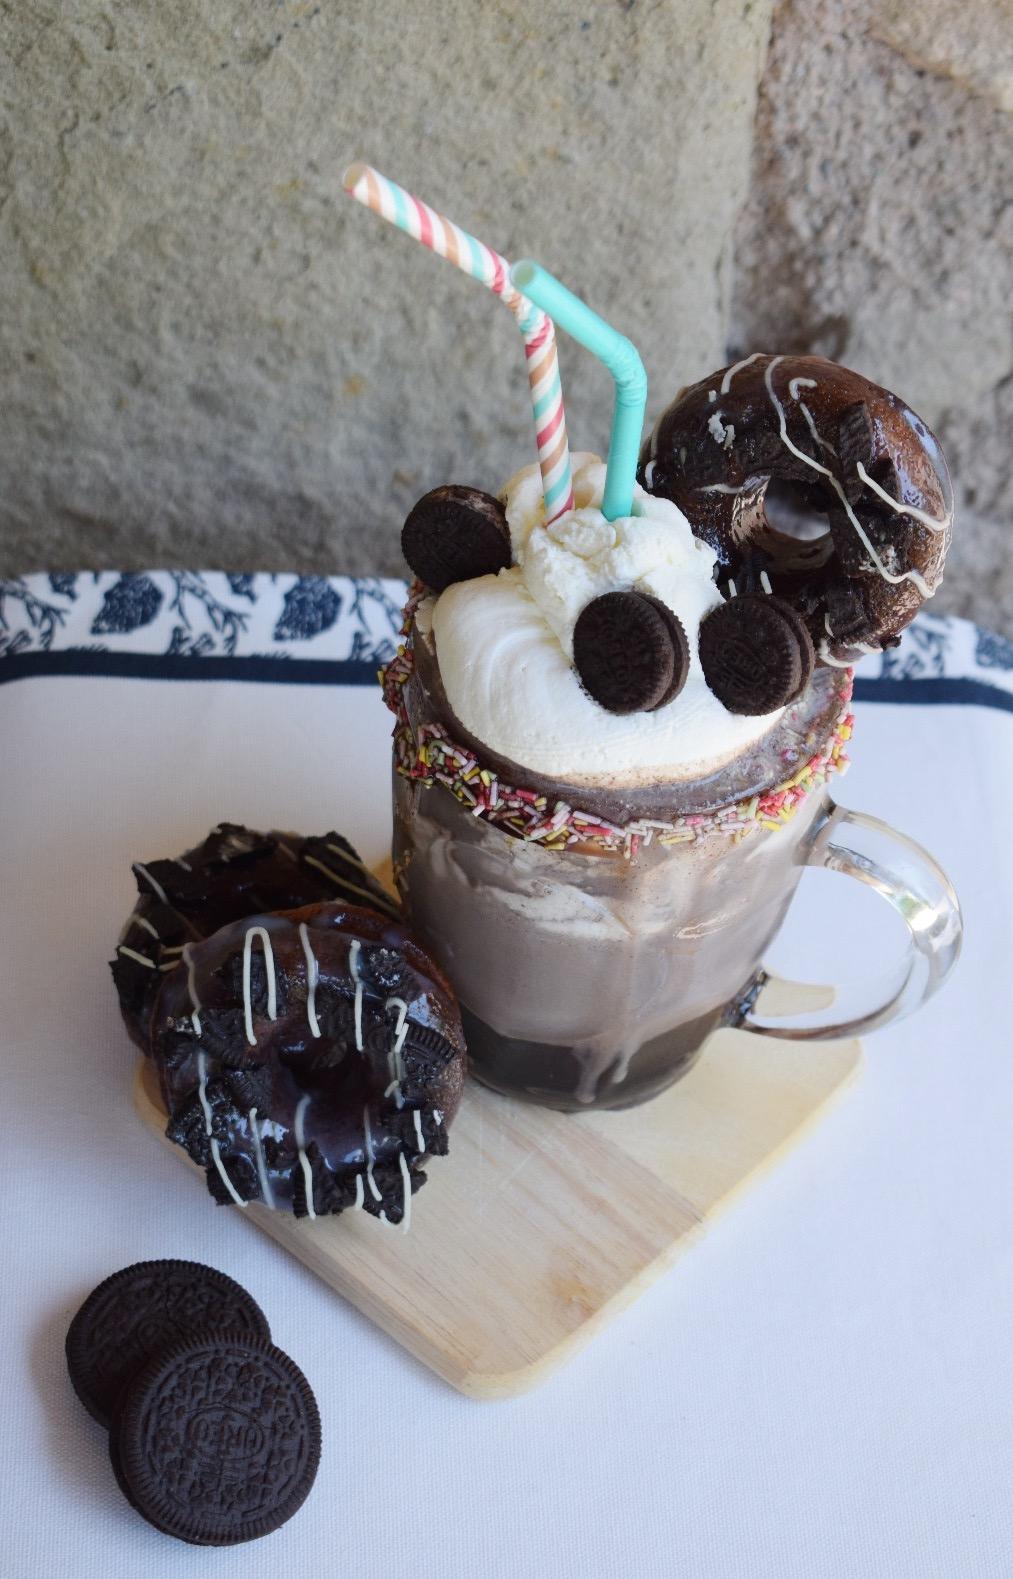 Presentación de la receta de Shake de oreo con donuts de oreo